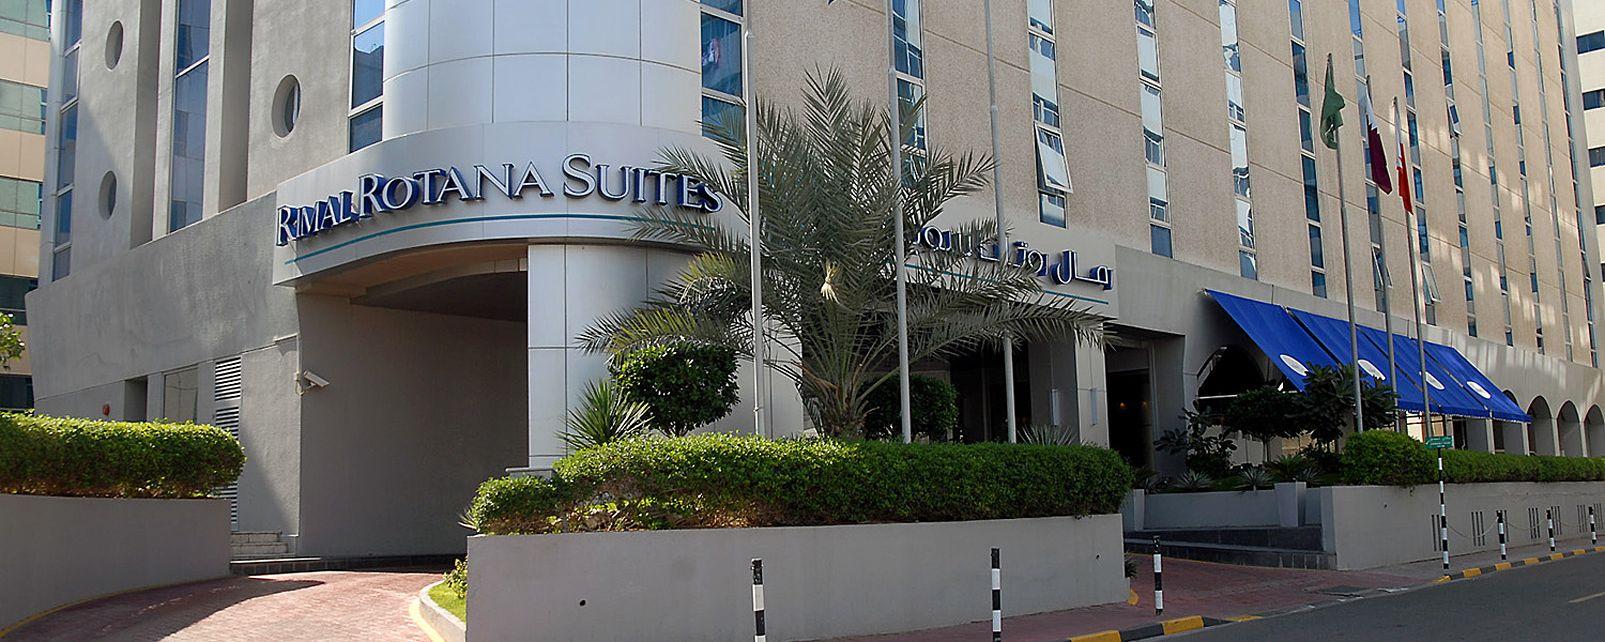 Hotel Rimal Rotana